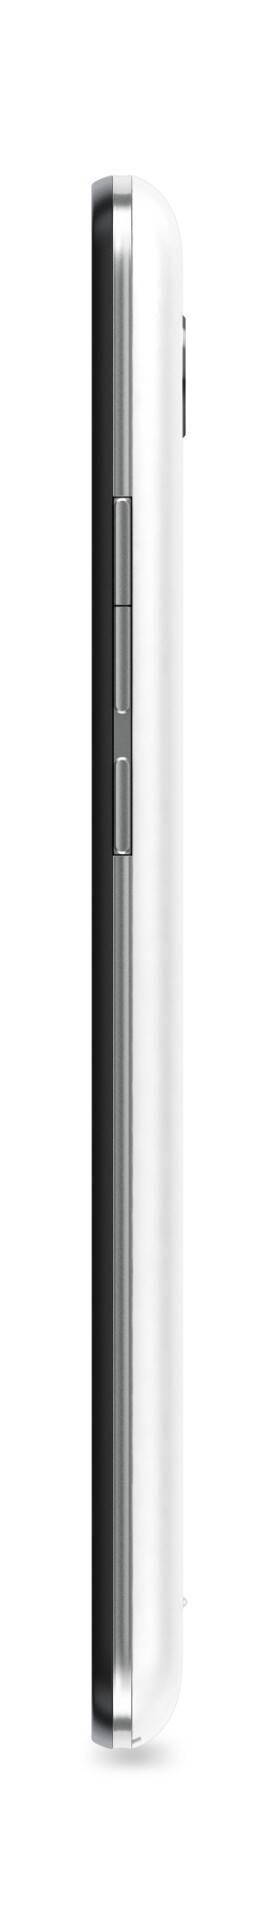 Acer Liquid Zest abs Zest 4G 16